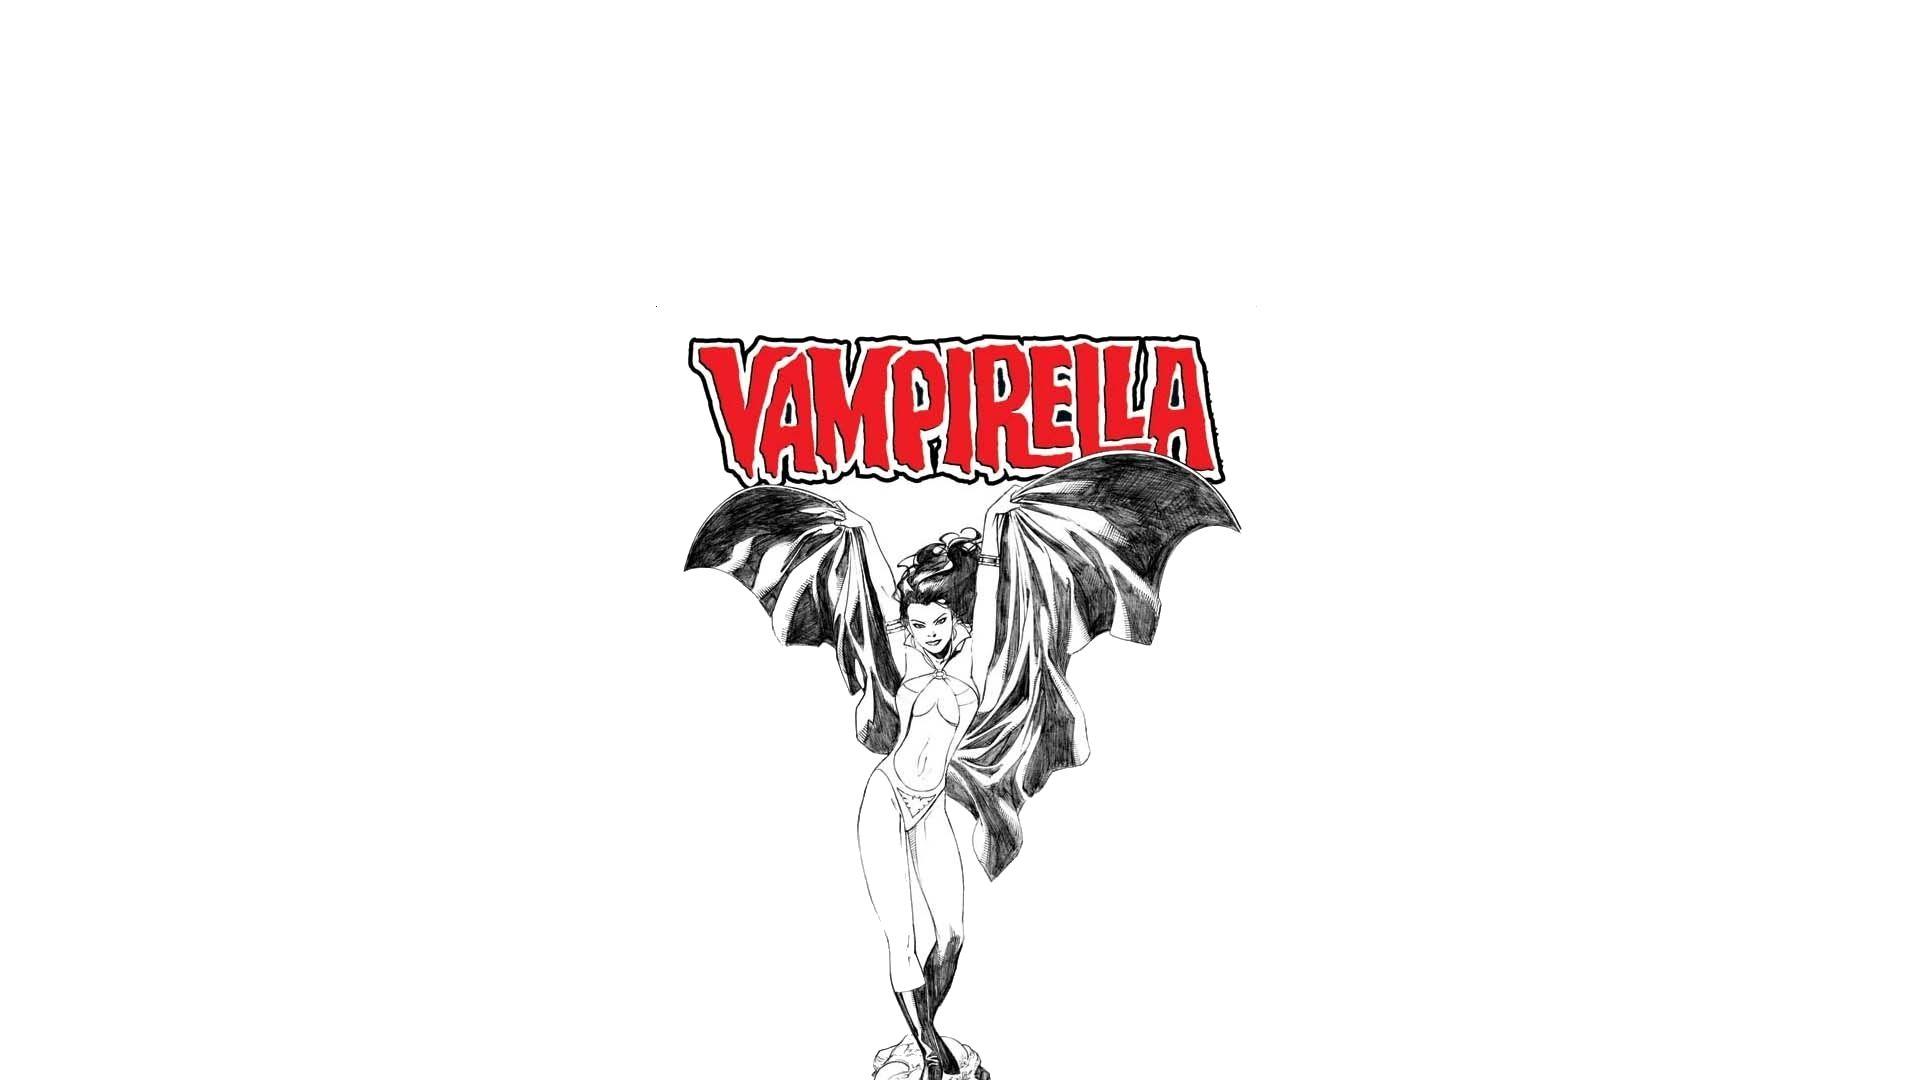 images6phacoders 473 Vampirella